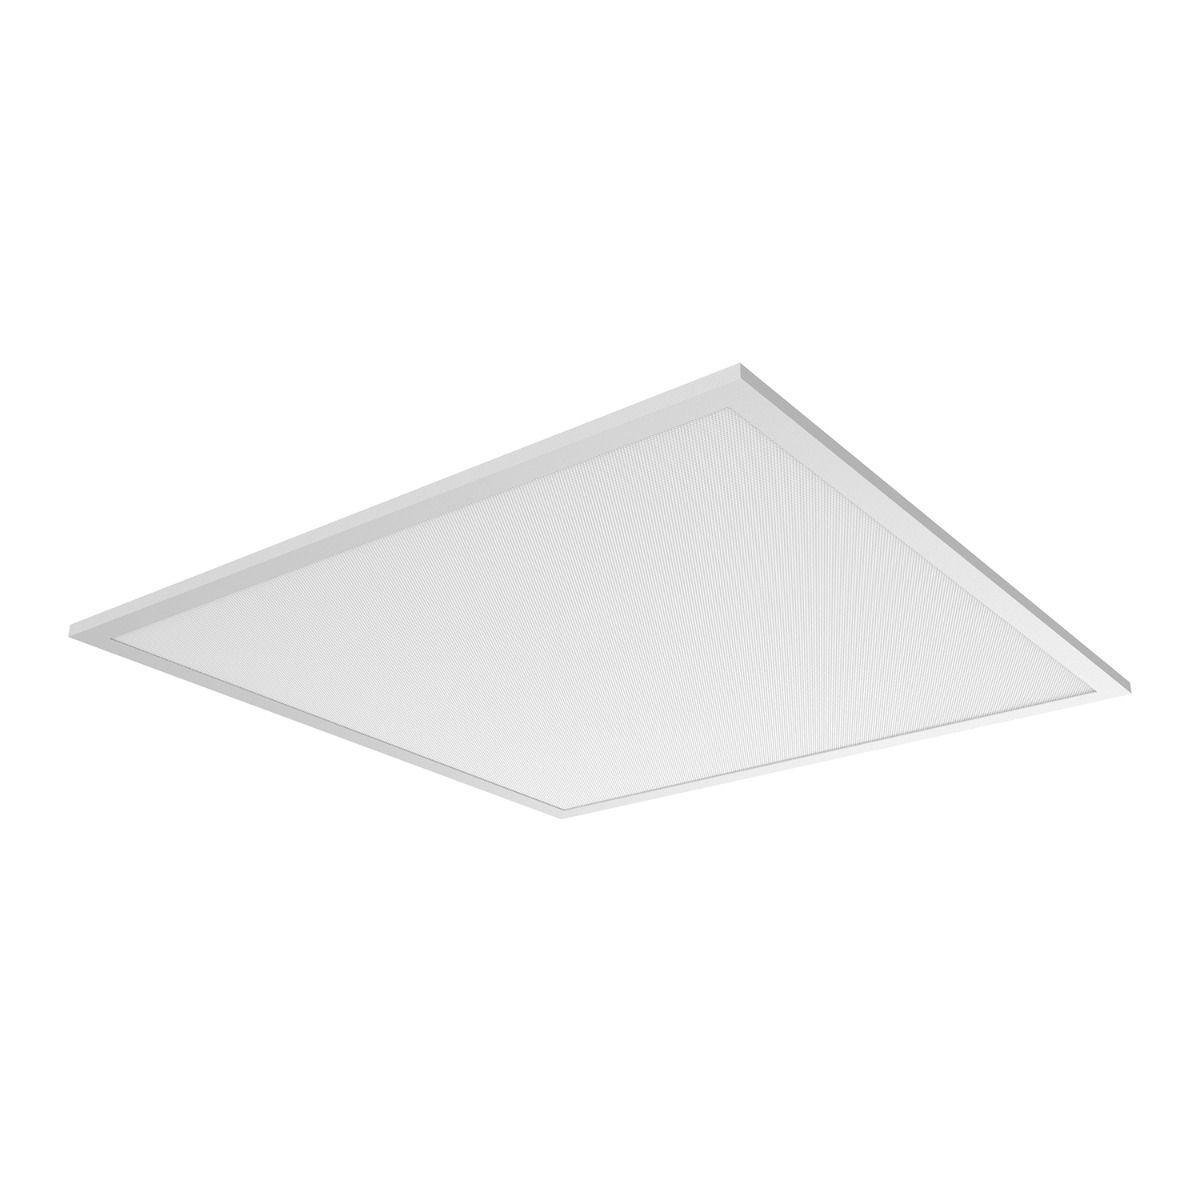 Noxion LED Paneel Delta Pro V3 30W 4000K 4070lm 60x60cm UGR <19 | Vervanger voor 4x18W